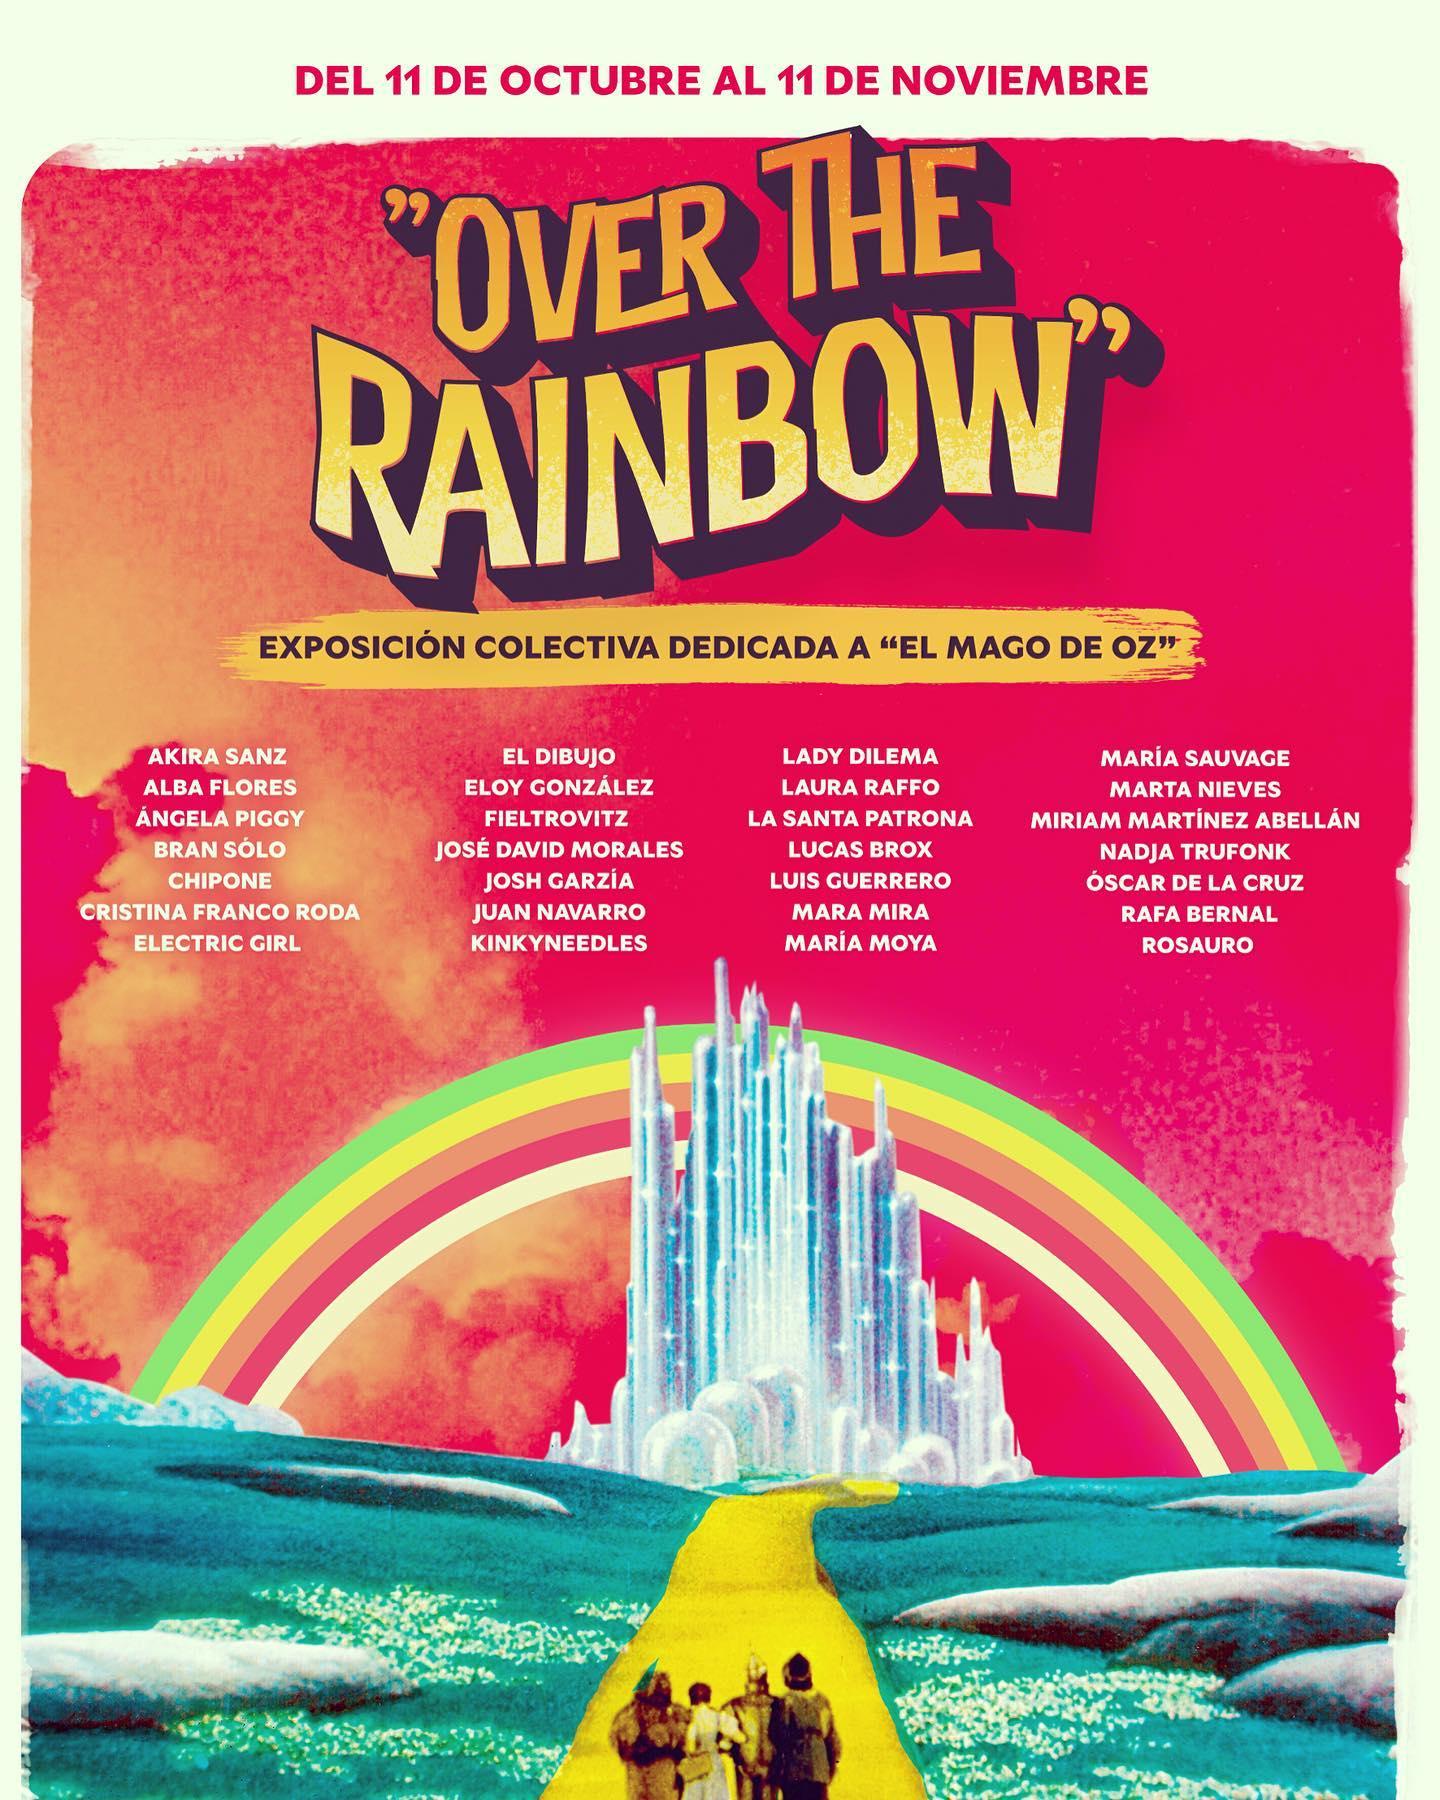 'Over the Rainbow', la exposición de artistas murcianos que homenajea El Mago del Oz